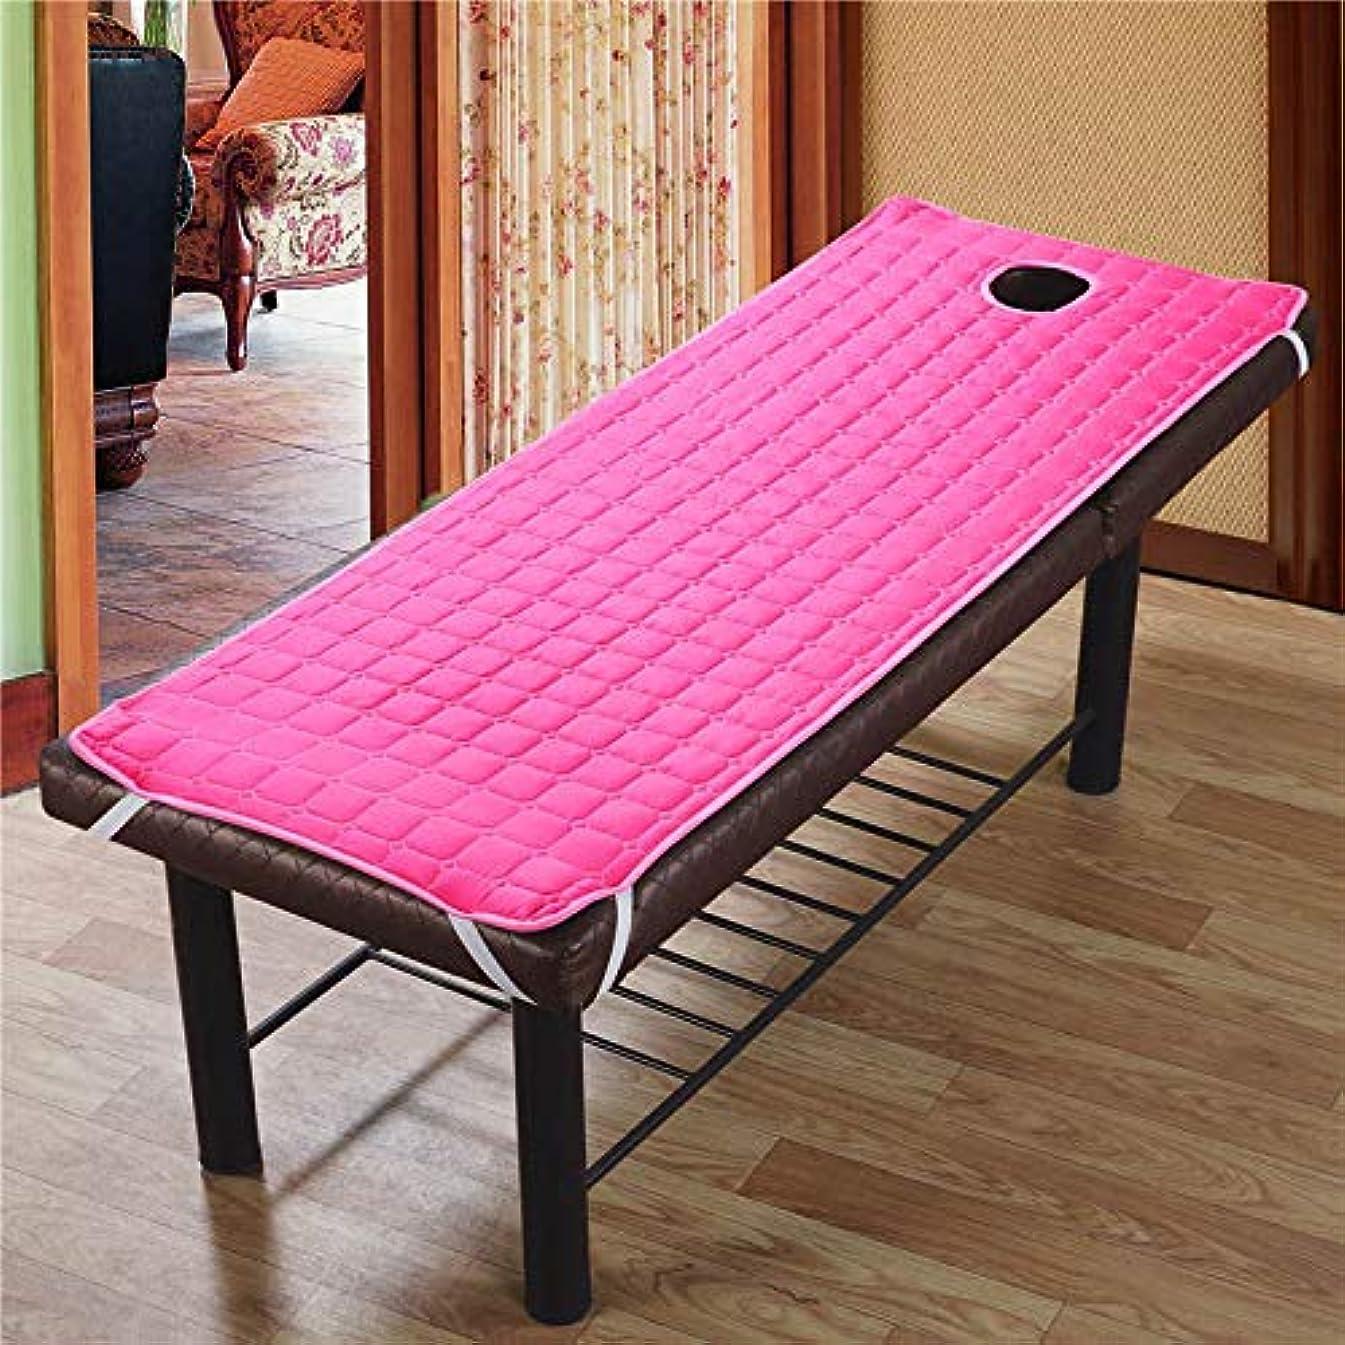 騙すマエストロカレンダーAylincool 美容院のマッサージ療法のベッドのための滑り止めのSoliod色の長方形のマットレス